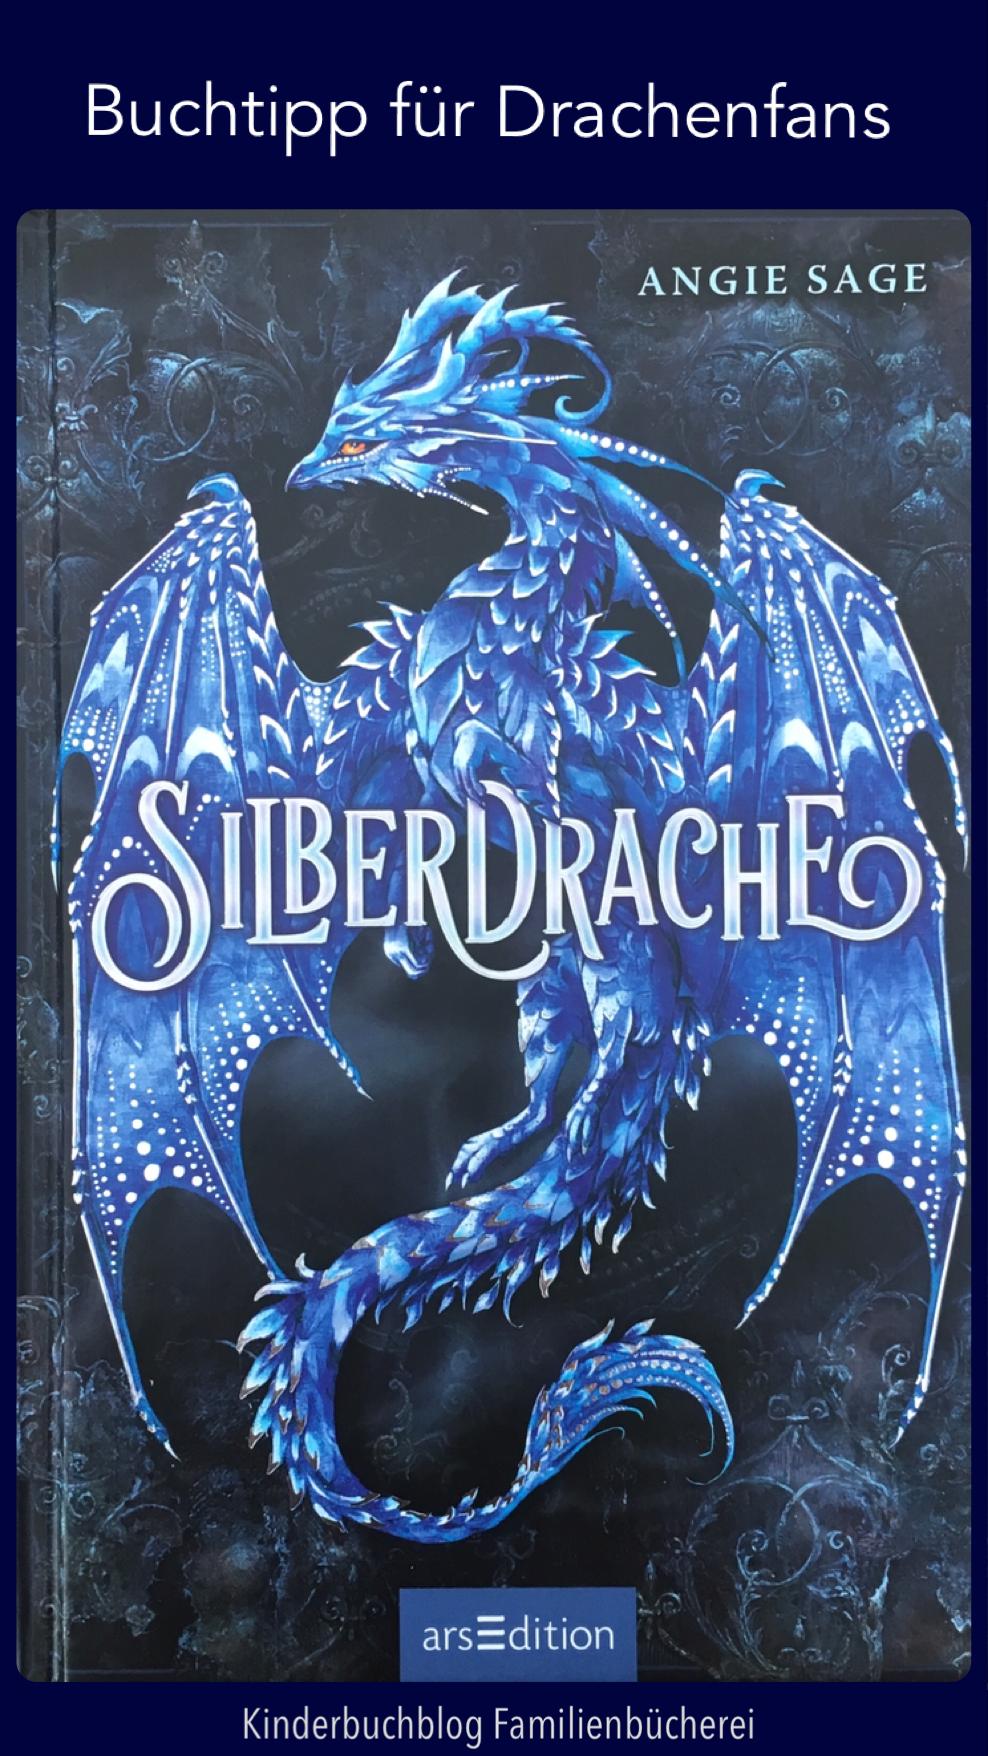 Silberdrache Die Neue Jugendbuchreihe Von Angie Sage Mit Verlosung Buch Tipps Bucher Bucher Fur Jugendliche